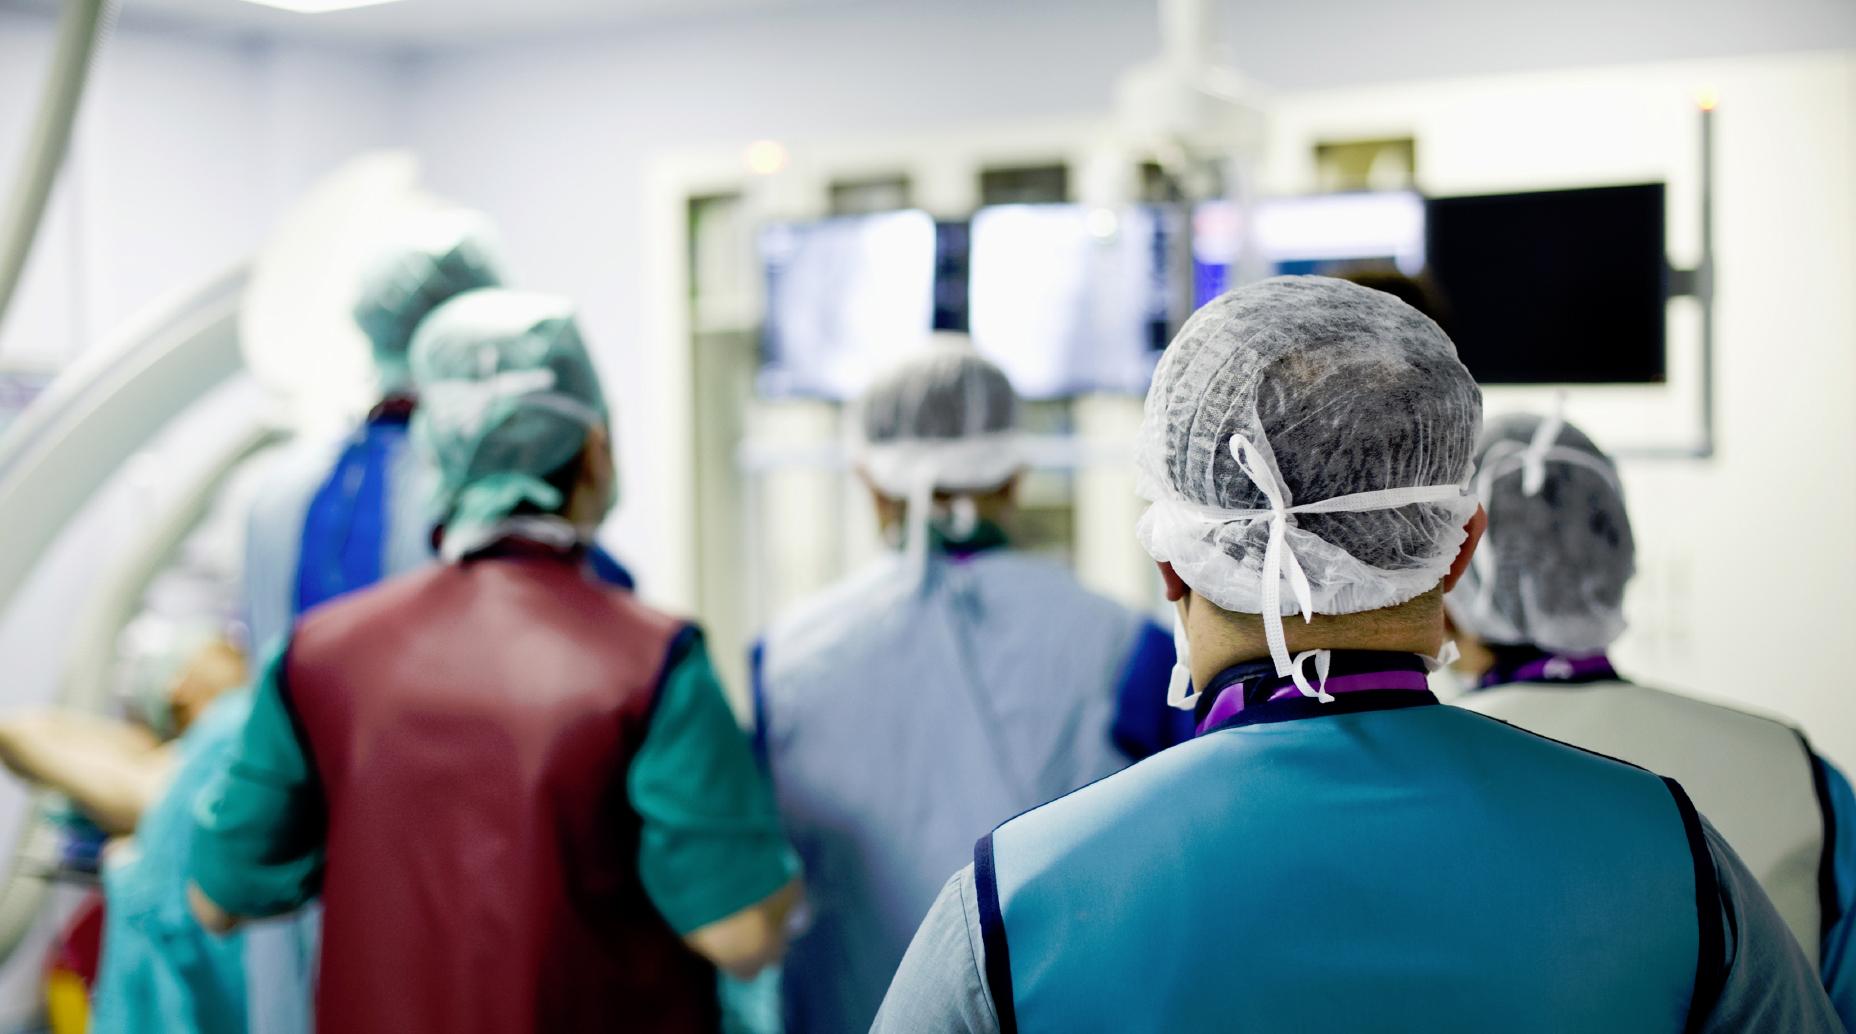 Χειρουργικός Τομέας, Γενικό Νοσοκομείο Κιλκίς